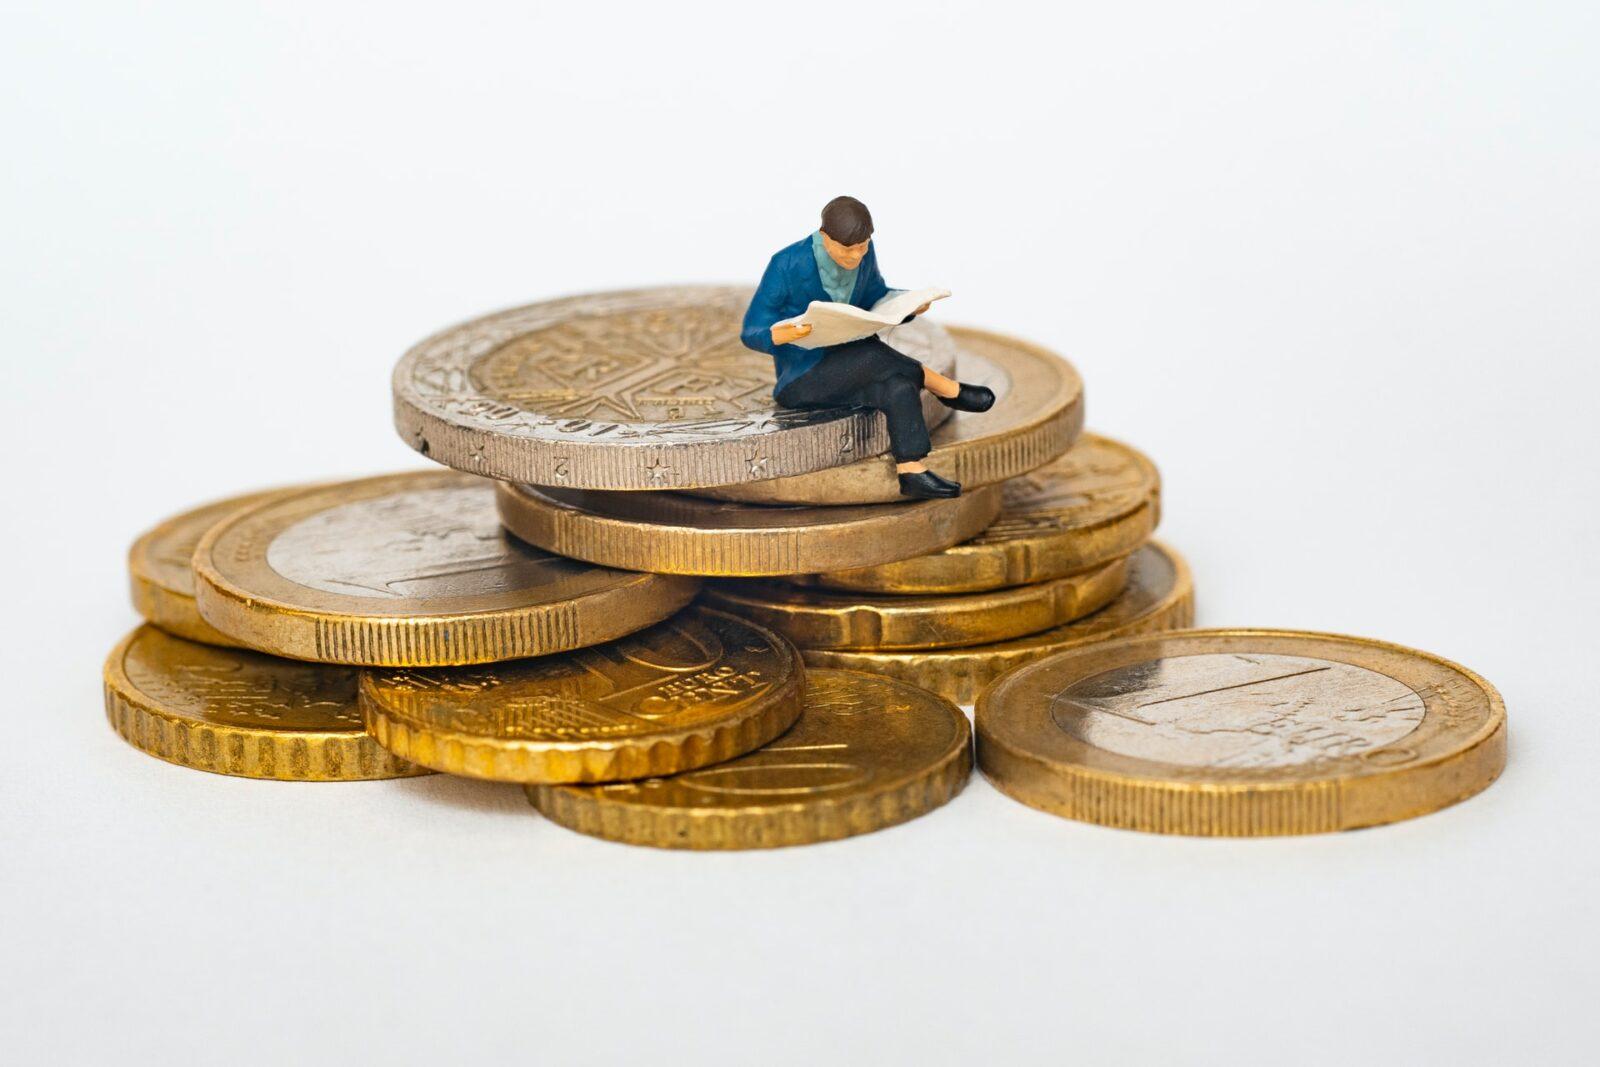 câștiguri verificate cu investiții 2021